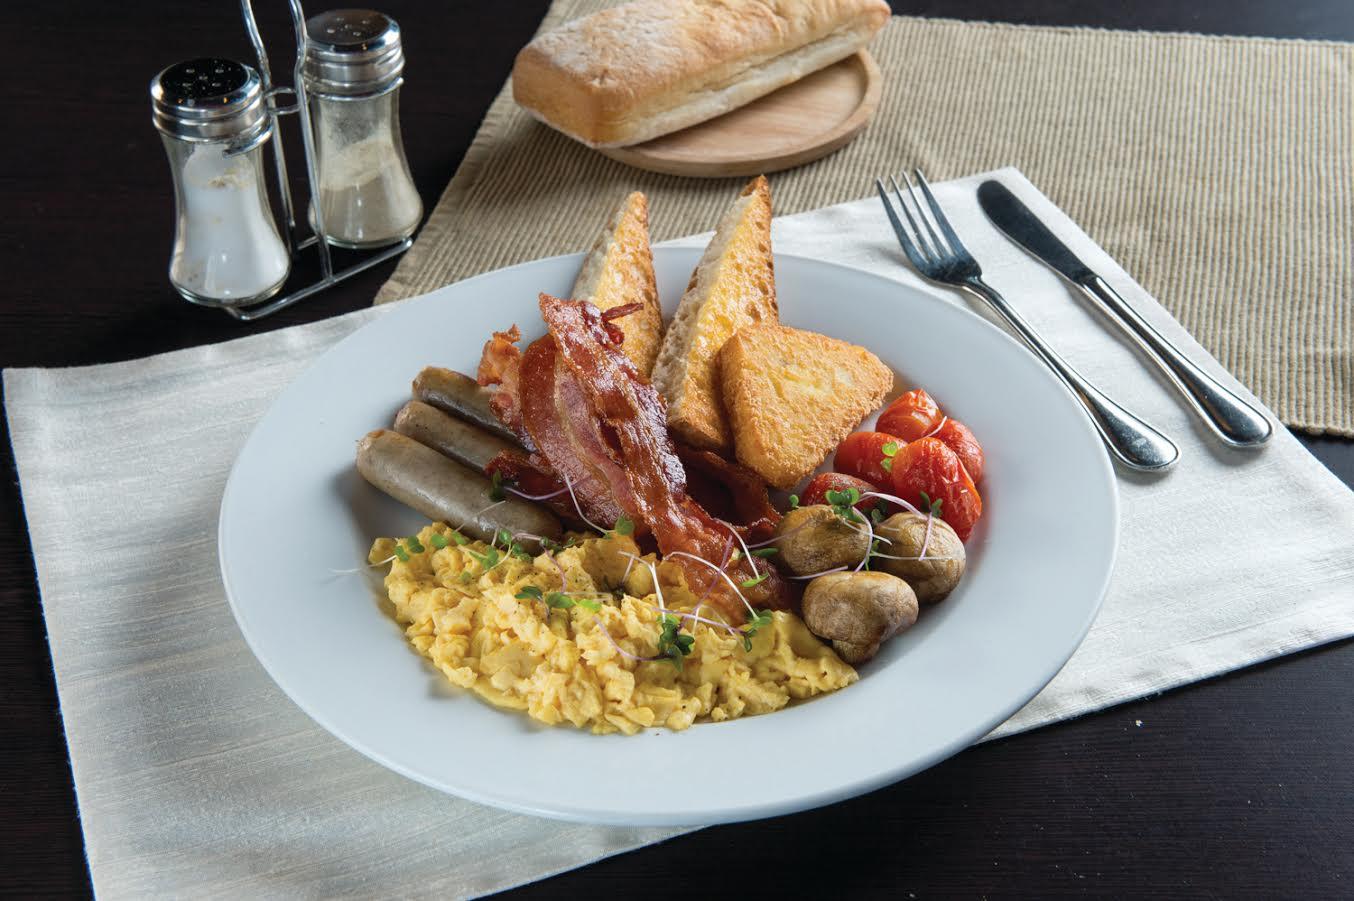 مطعم ومقهى ذا كوفي كلوب يقدم تشكيلة متنوعة من أطباق البيض اللذيذة